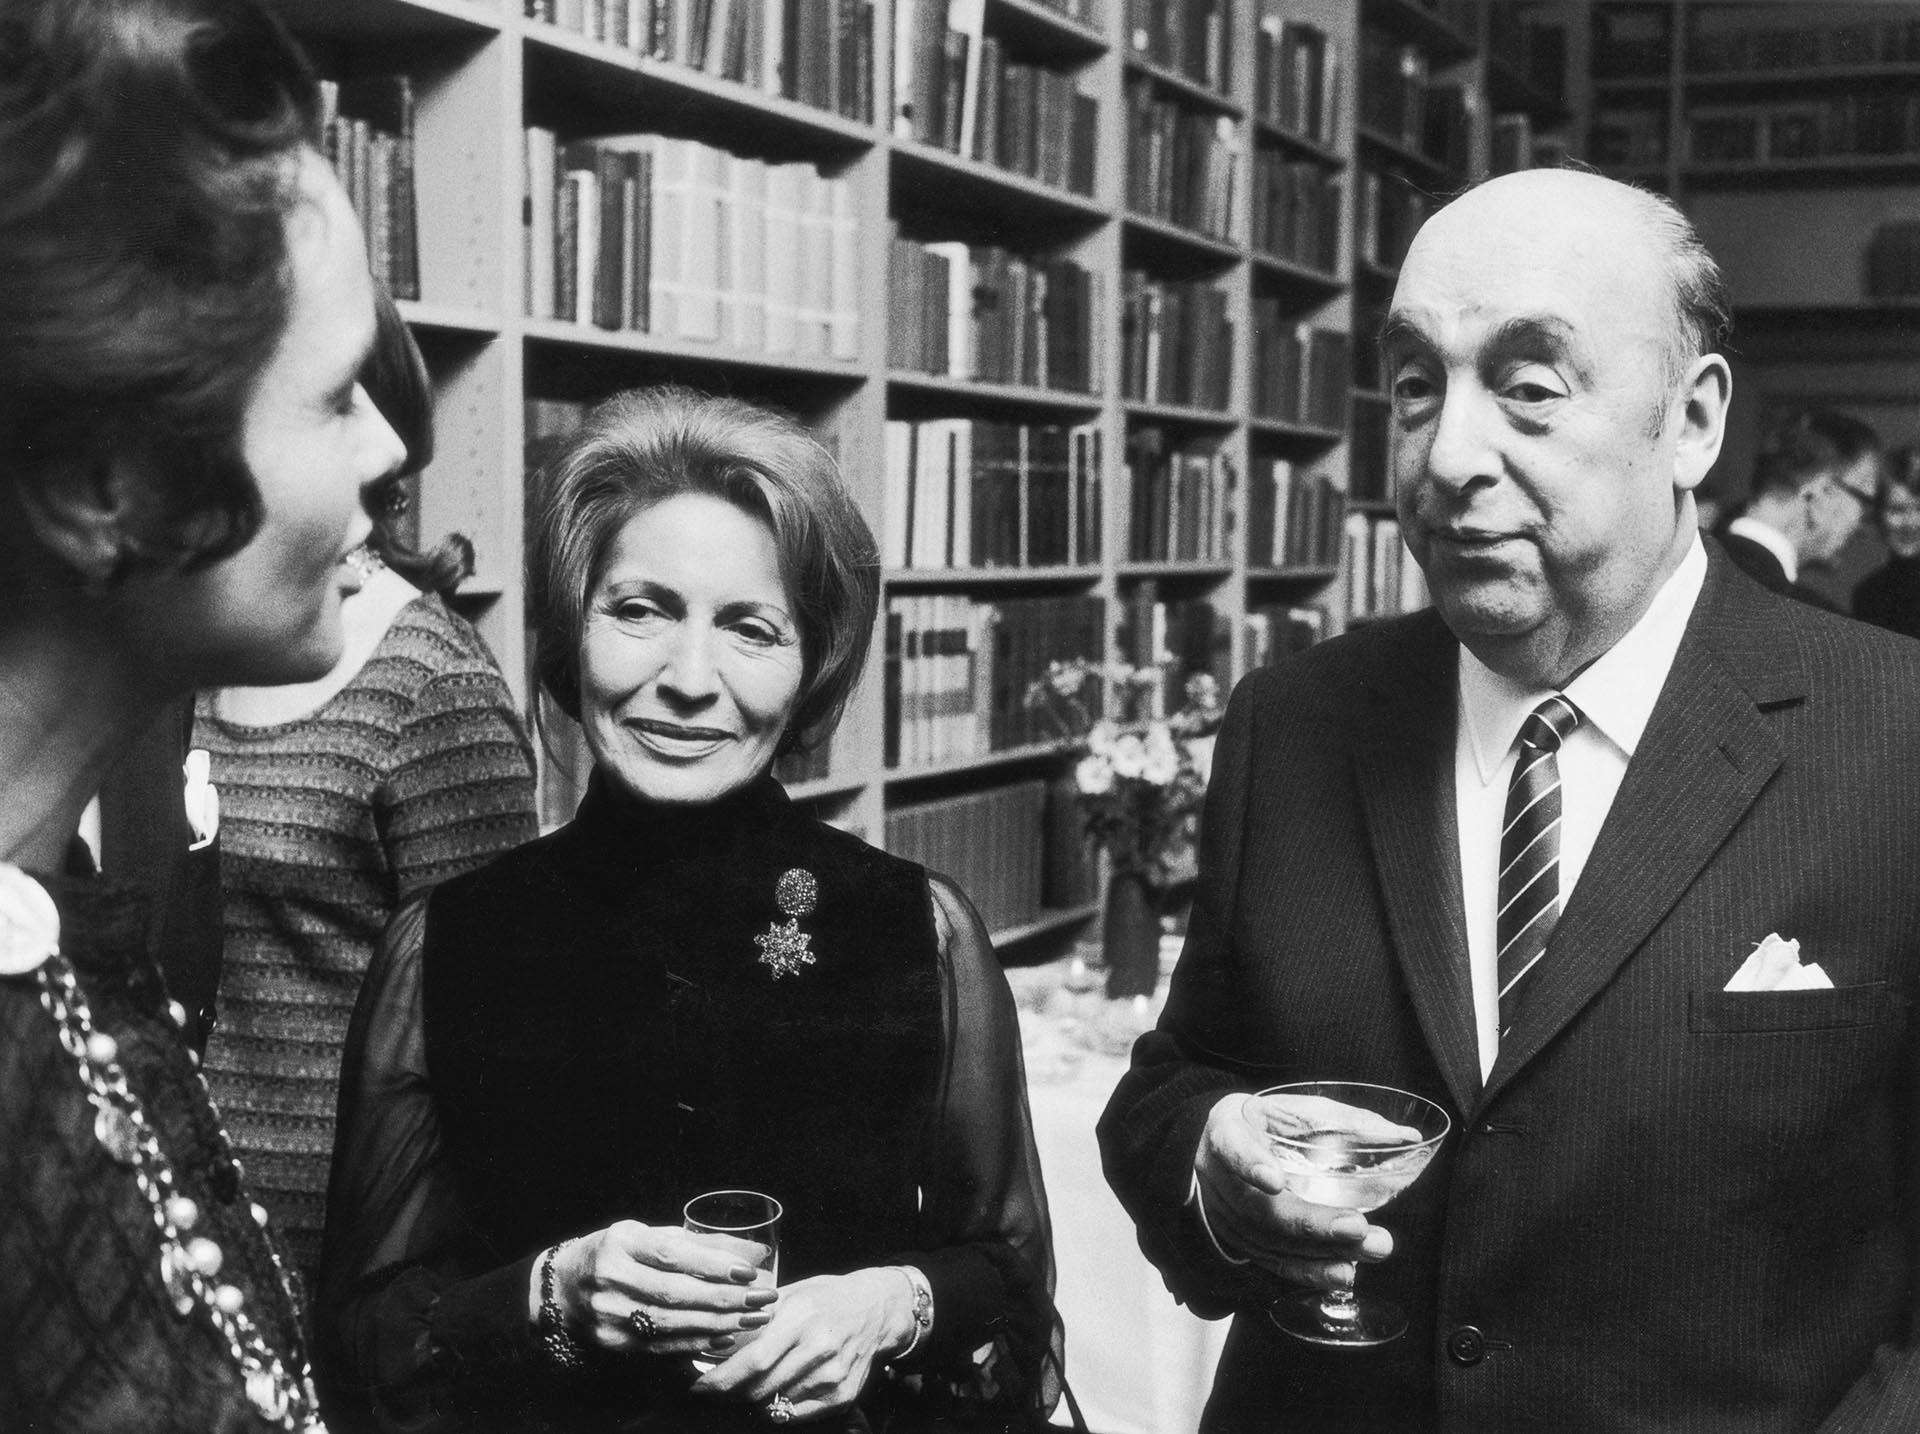 Pablo Neruda en Estocolmo con su esposa Matilda(Photo by Hulton Archive/Getty Images)